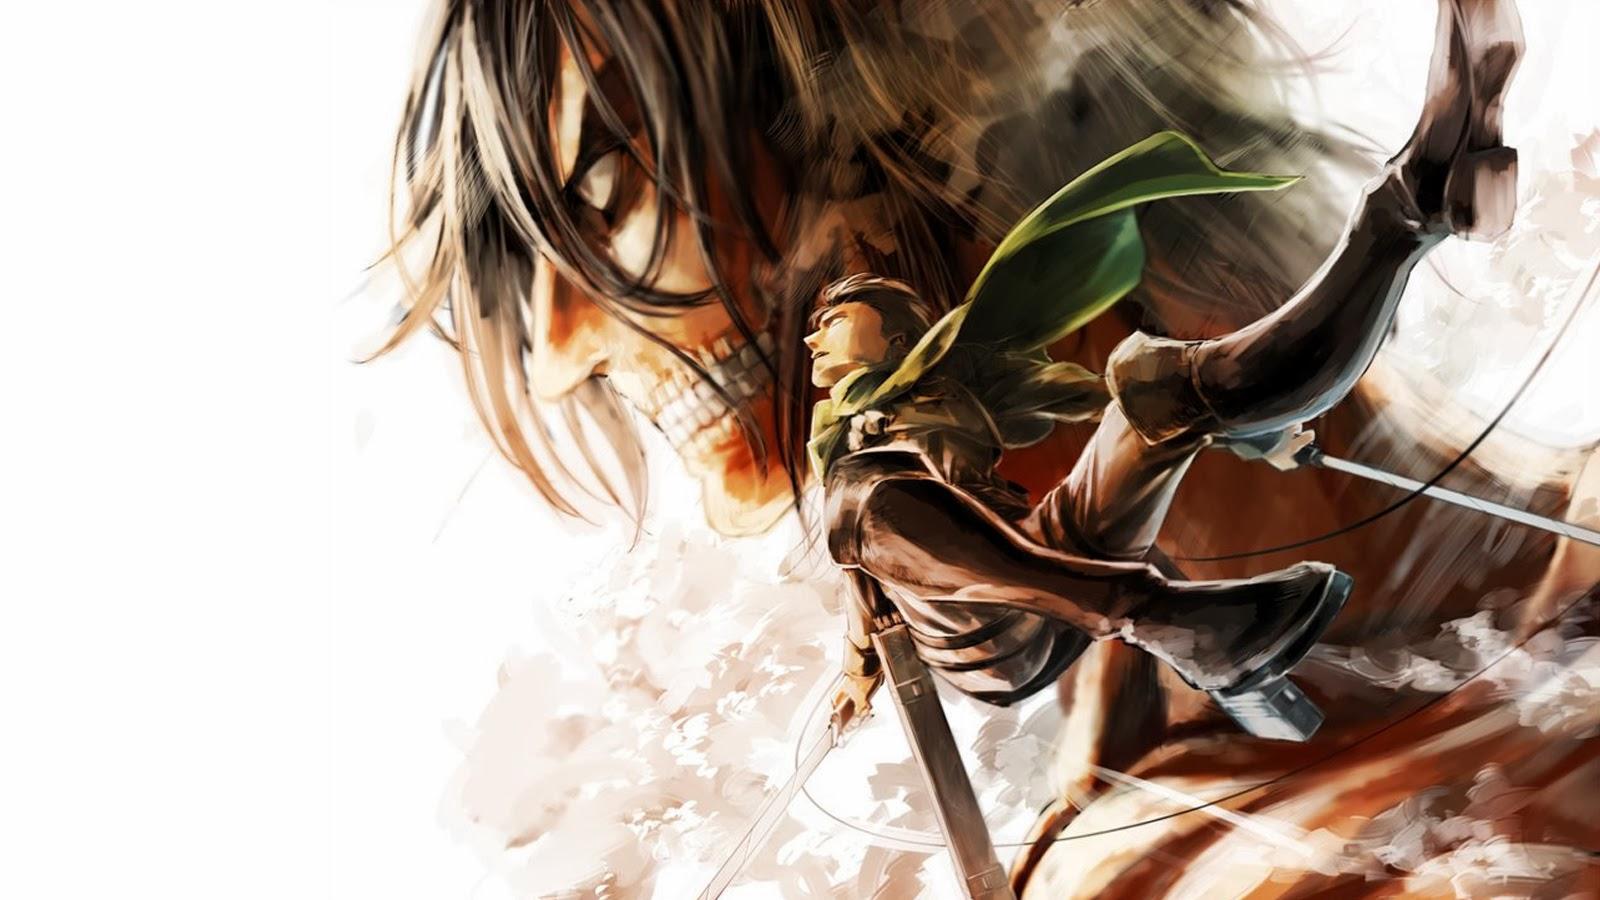 Image Result For Anime Wallpaper For Wallsa